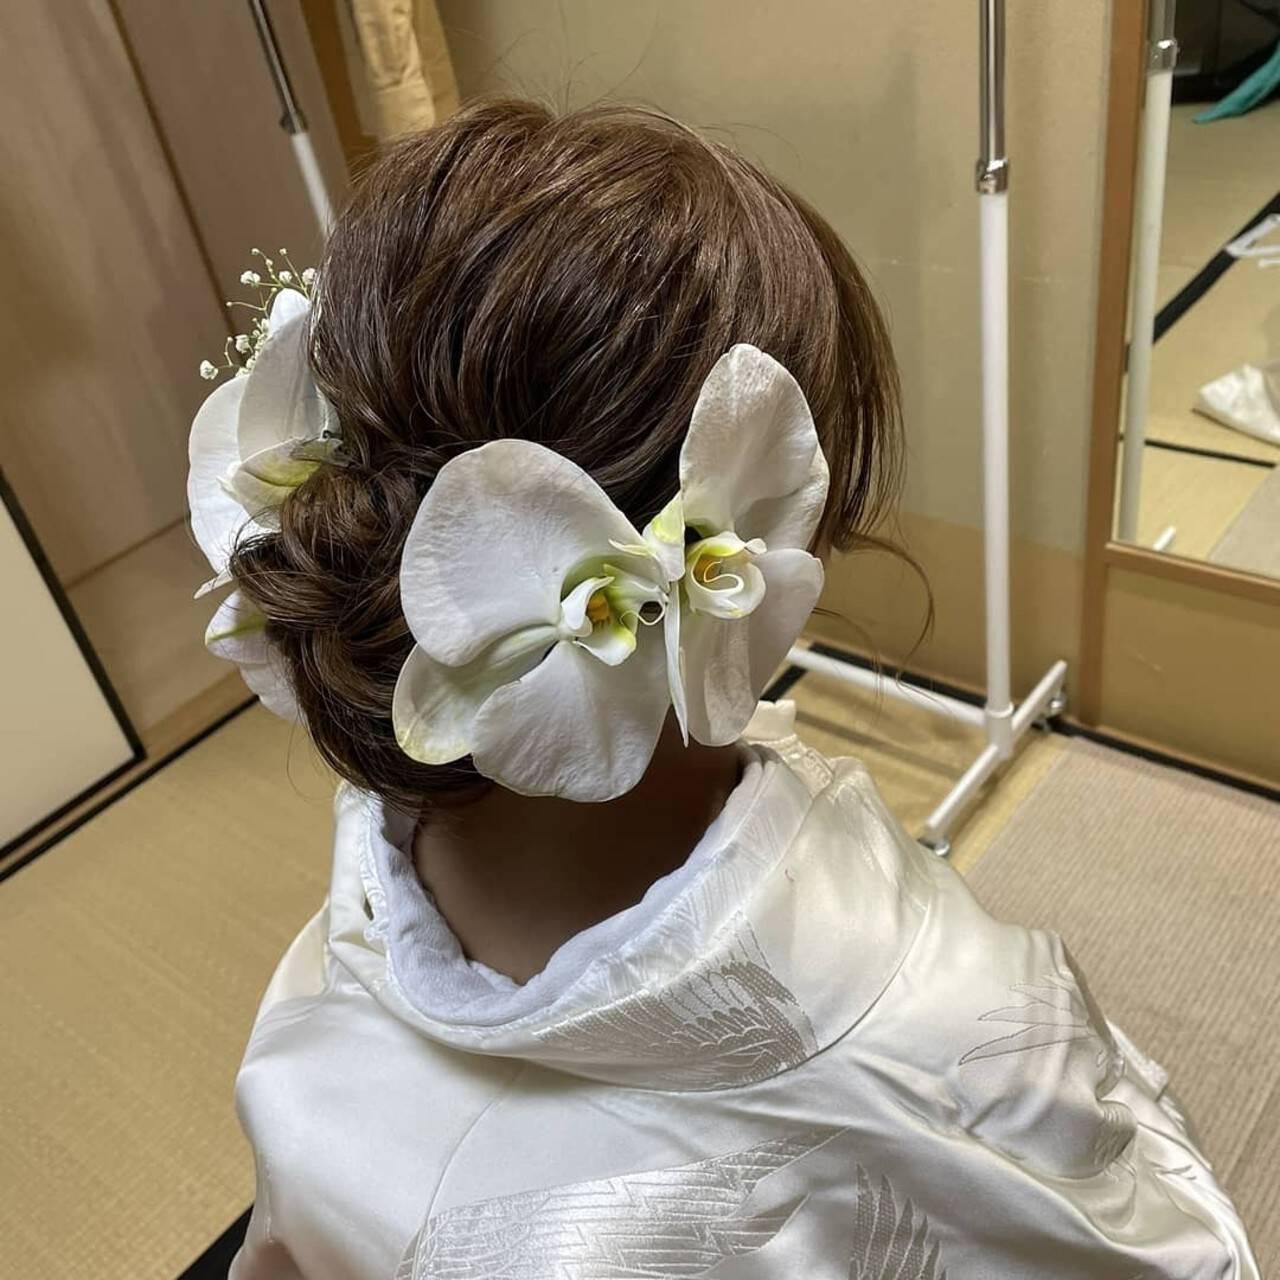 ヘアアレンジ 和装ヘア エレガント 和装髪型ヘアスタイルや髪型の写真・画像